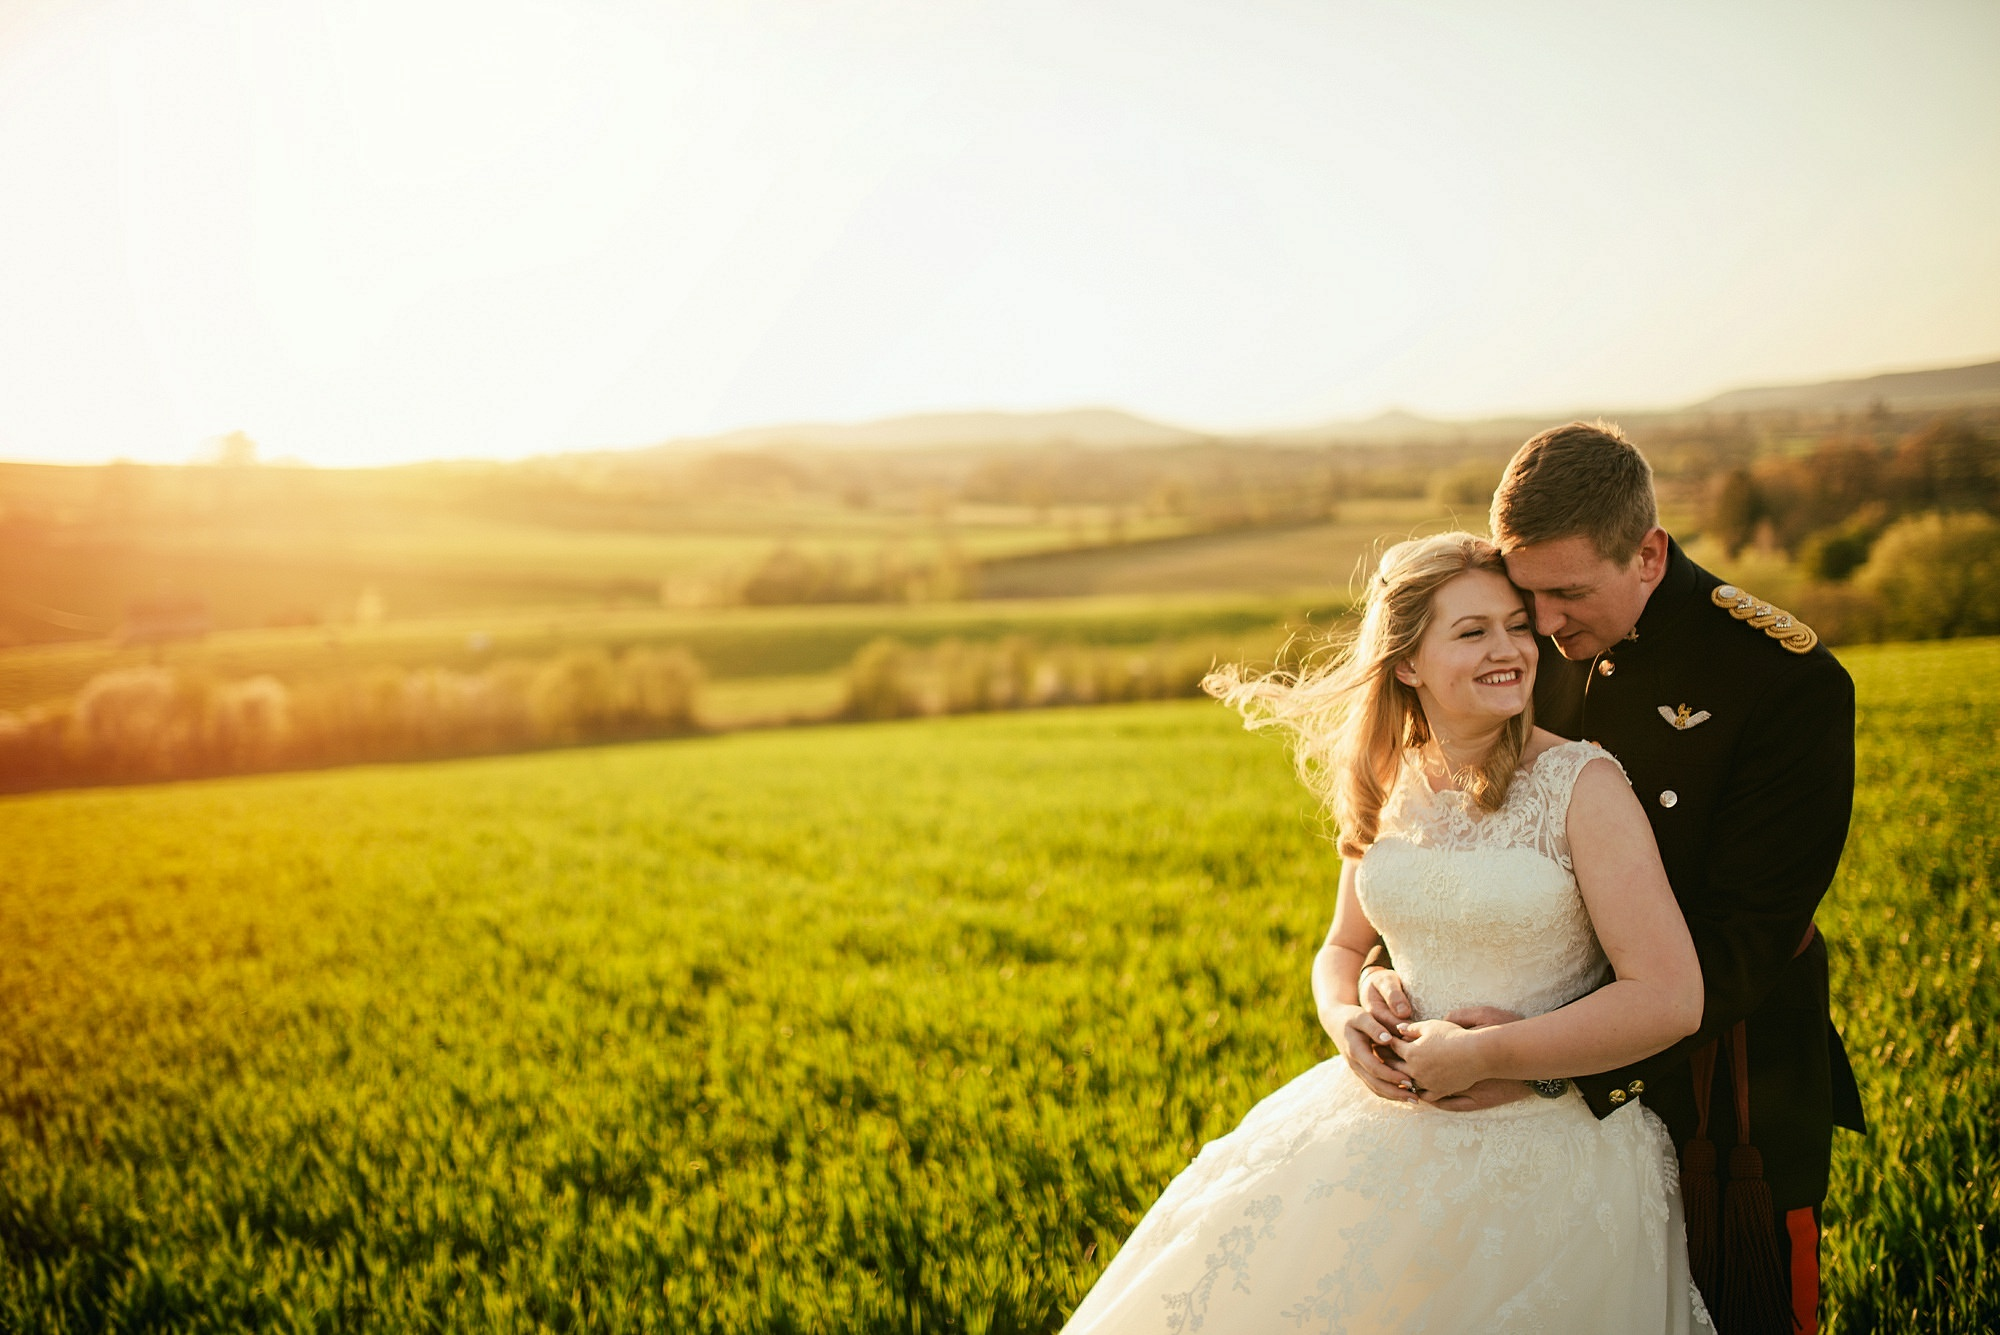 bride and groom in field golden hour